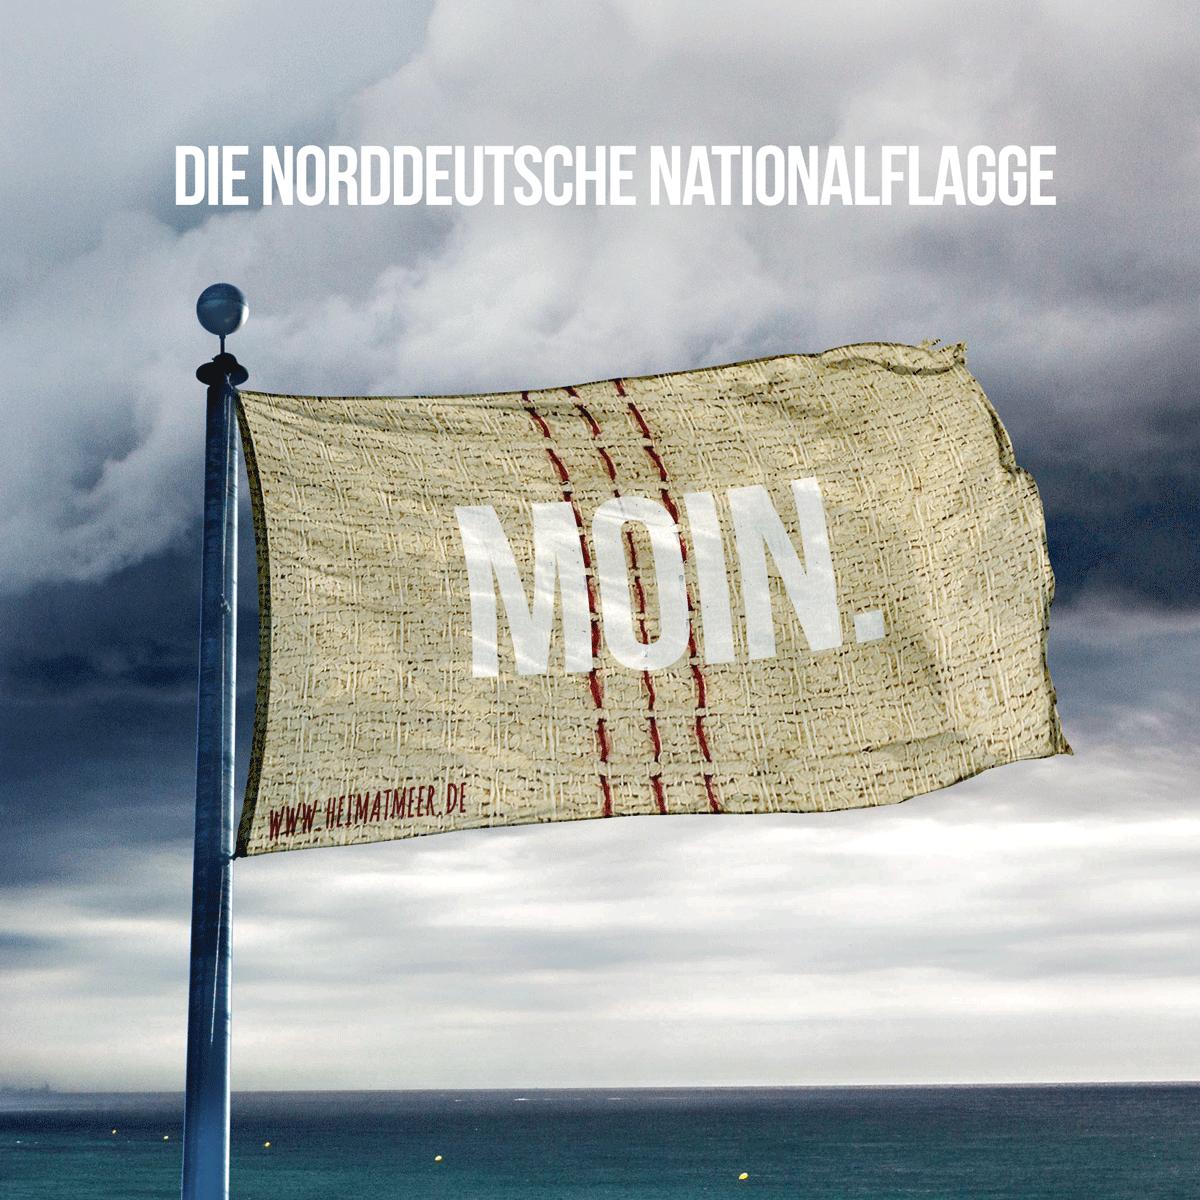 die norddeutsche nationalflagge moin spr che zitate vom meer maritime weisheiten. Black Bedroom Furniture Sets. Home Design Ideas